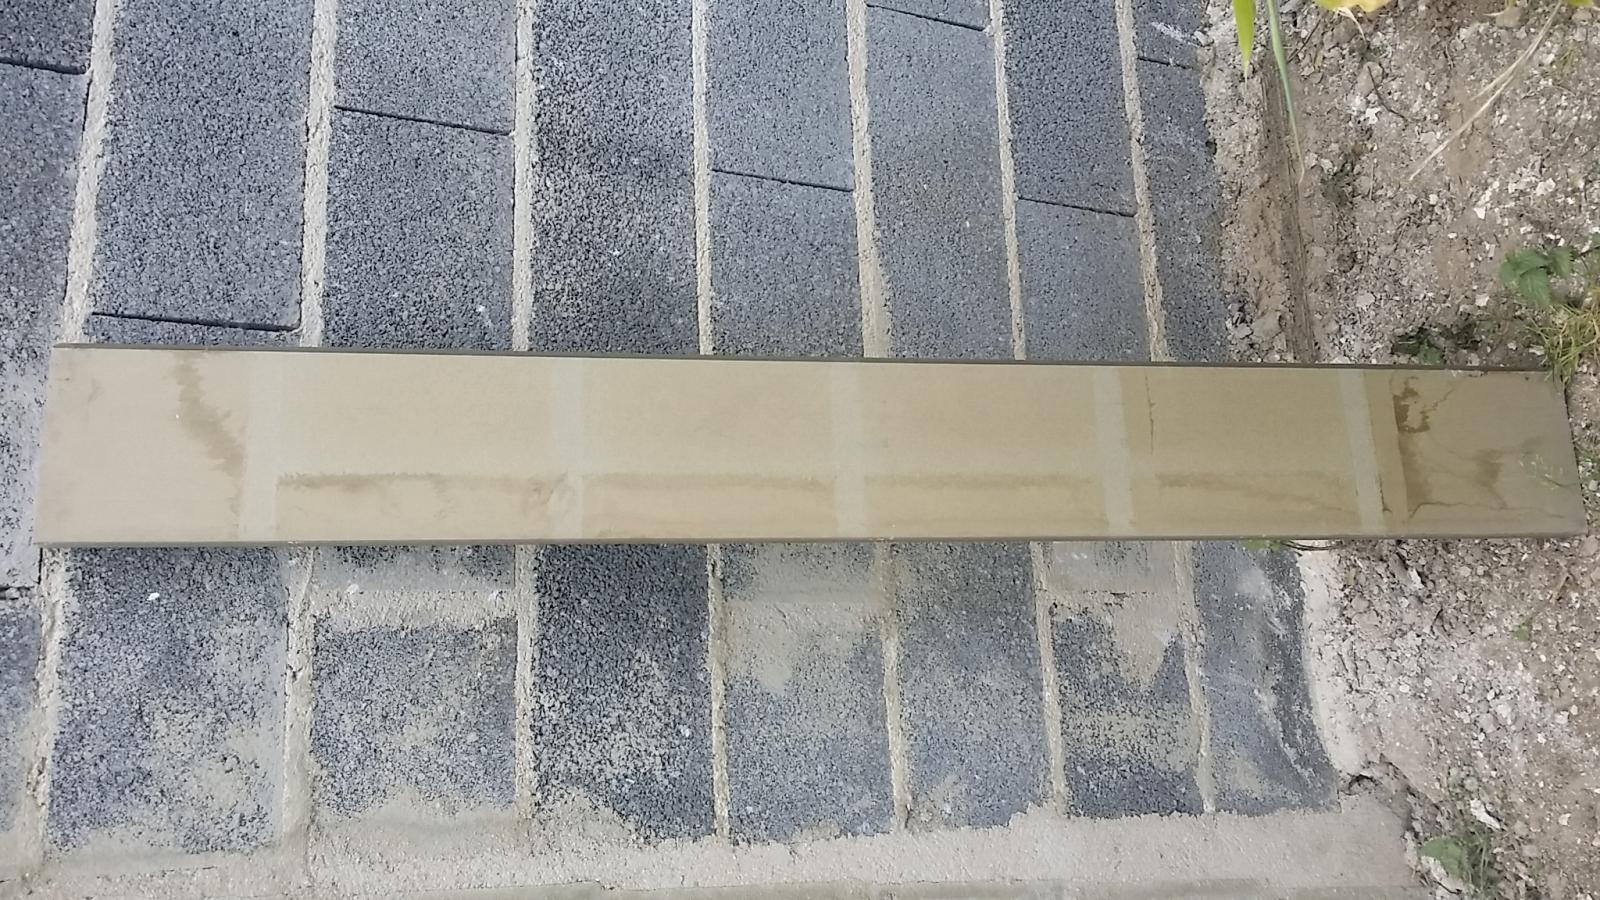 Interesting Recouvrir Mur Exterieur Destin Recouvrir Un Mur Exterieur En  Parpaing Perfect Dco Mur Extrieur With Recouvrir Un Mur Exterieur En  Parpaing.